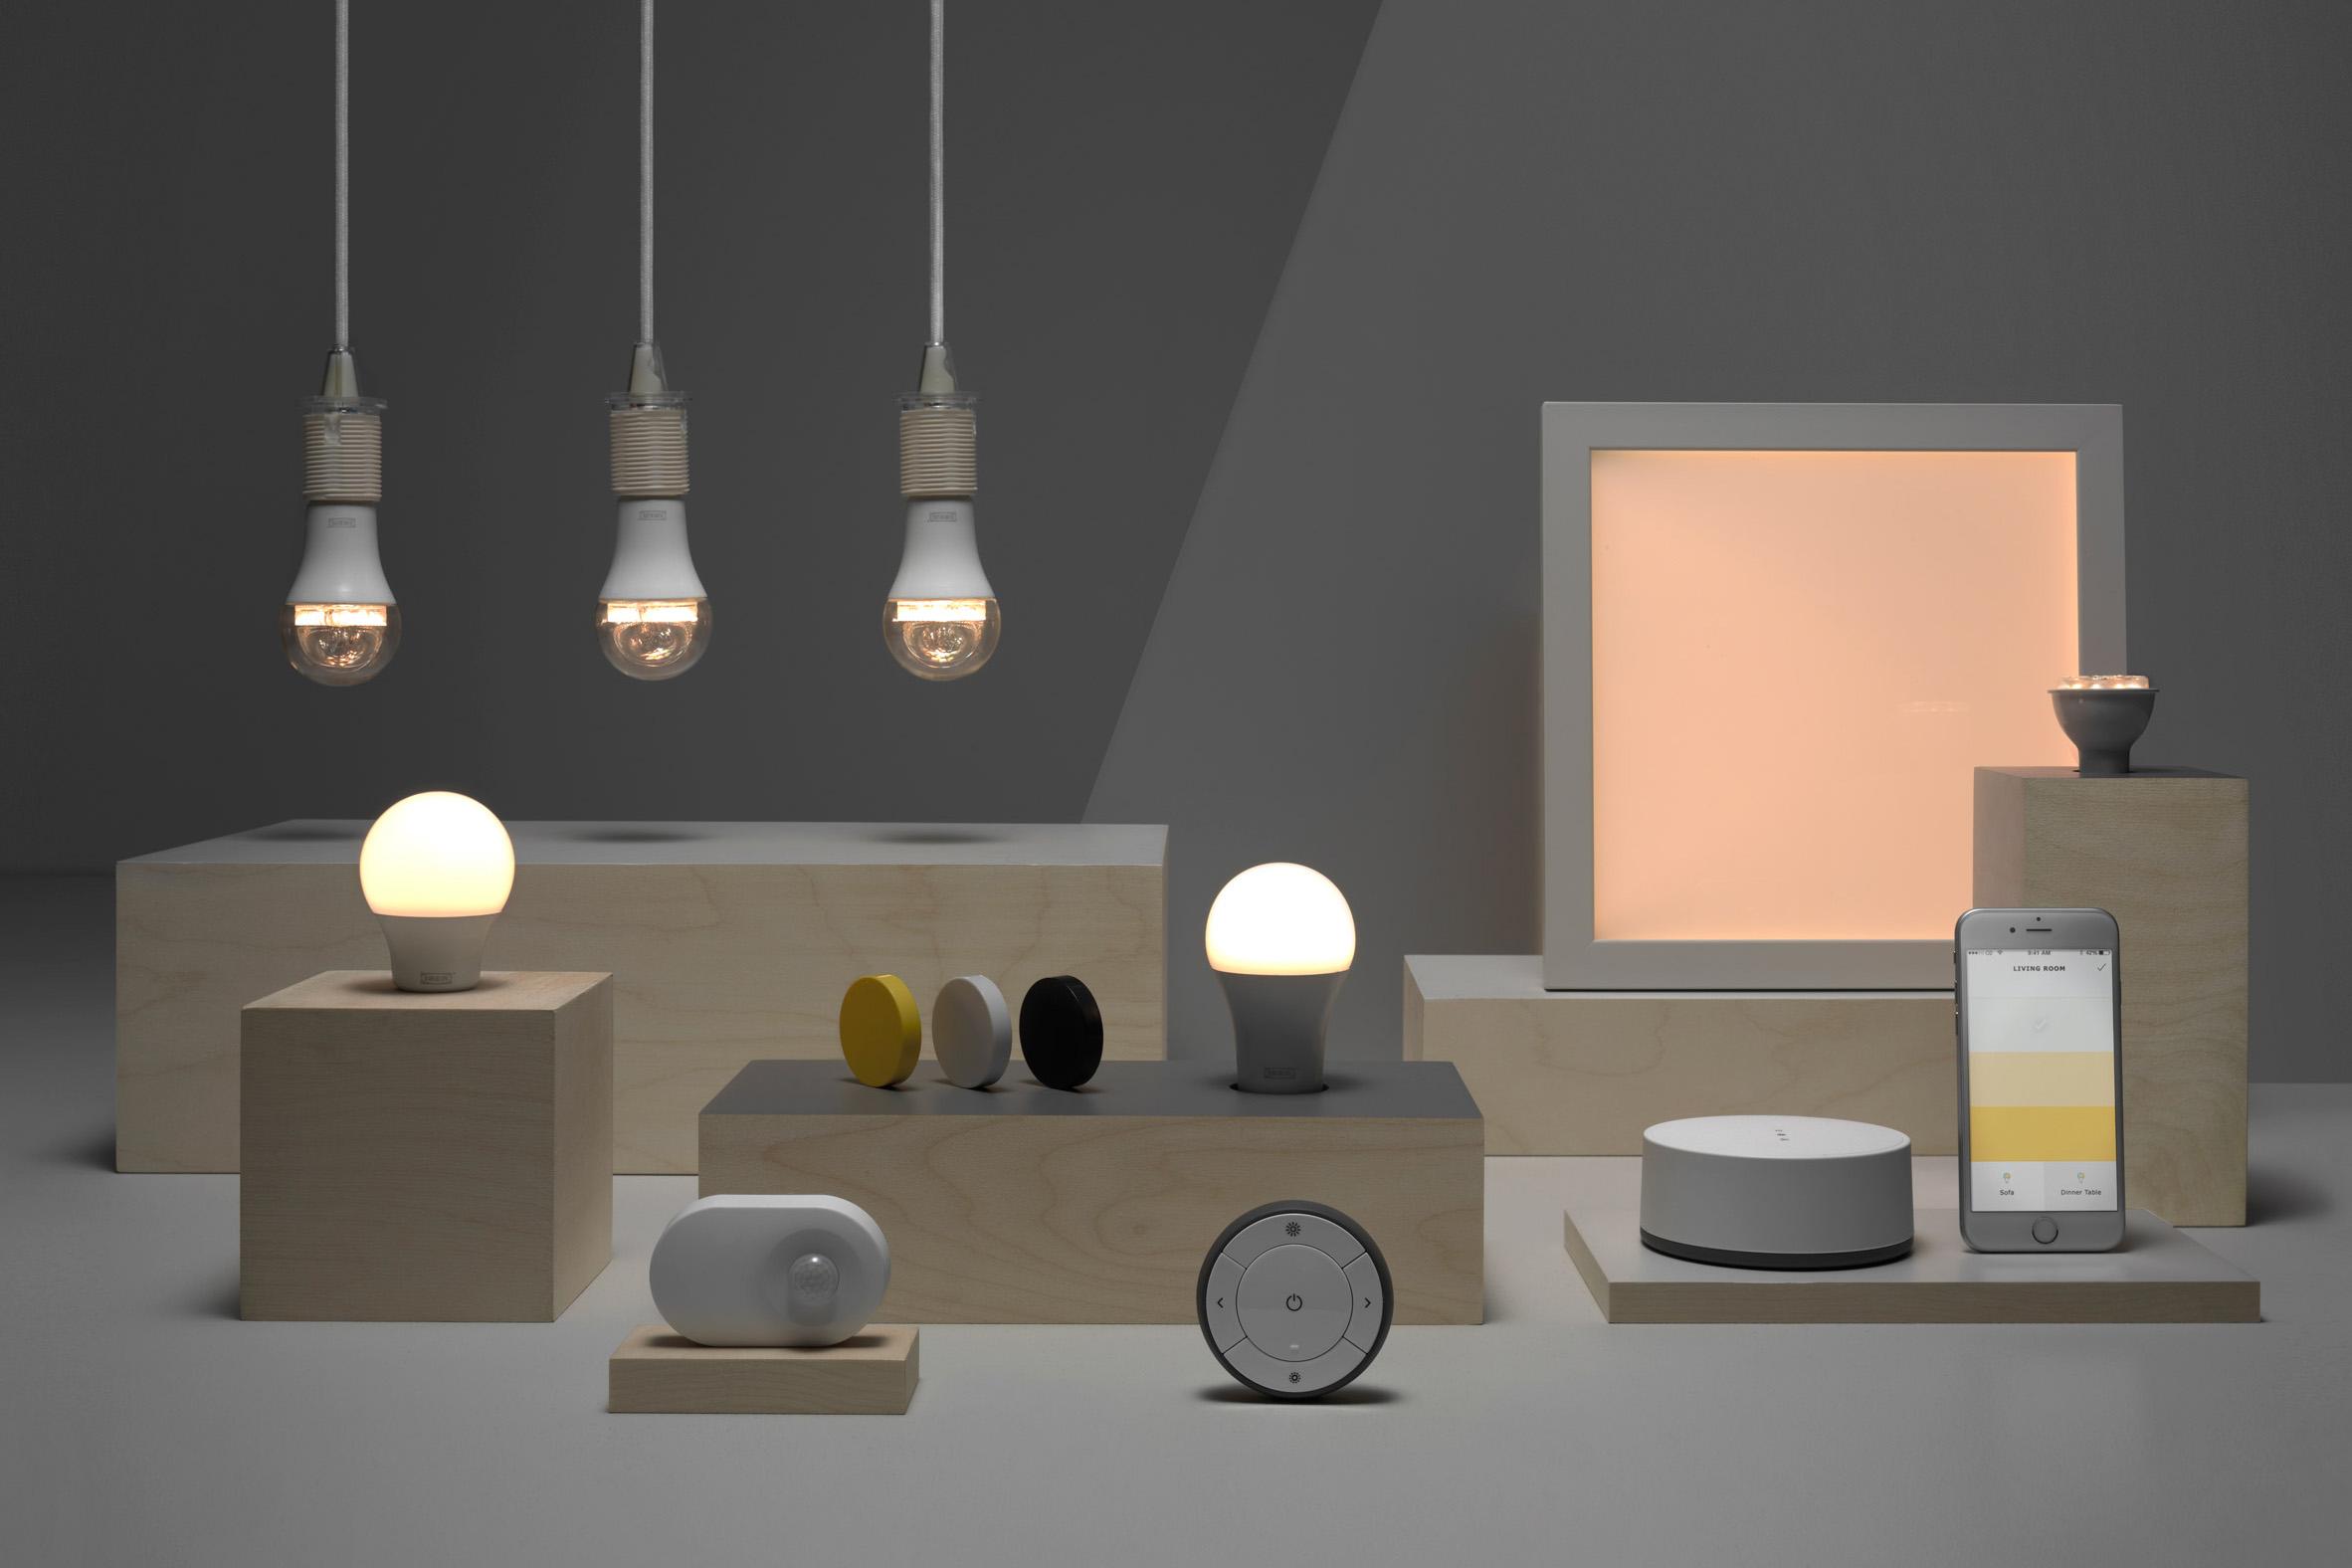 ikea-smart-lights-design-lighting-lamps_dezeen_2364_col_3.jpg